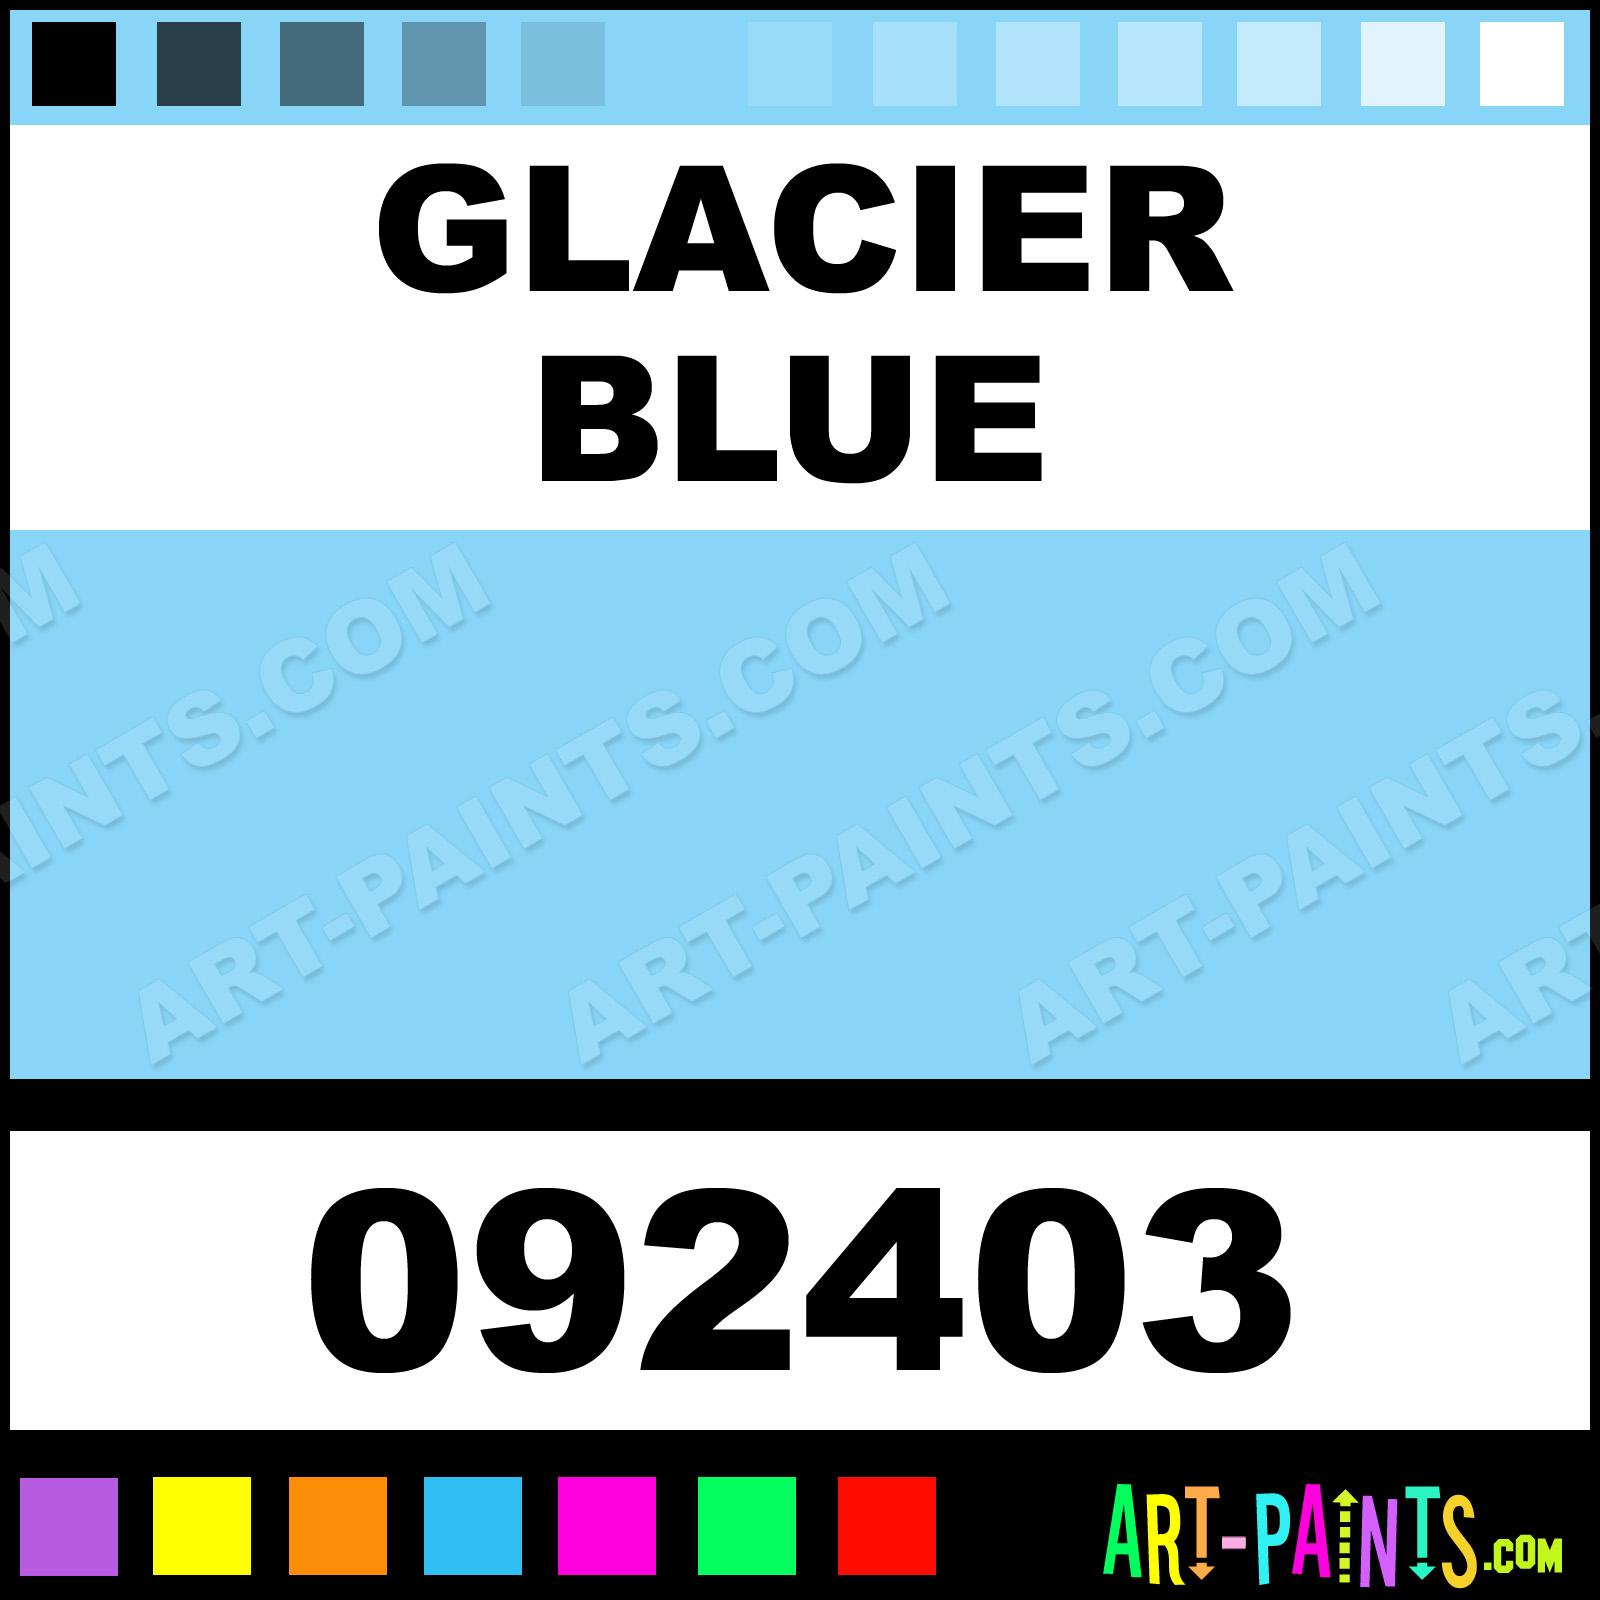 glacier blue natures hue acrylic paints - 092403